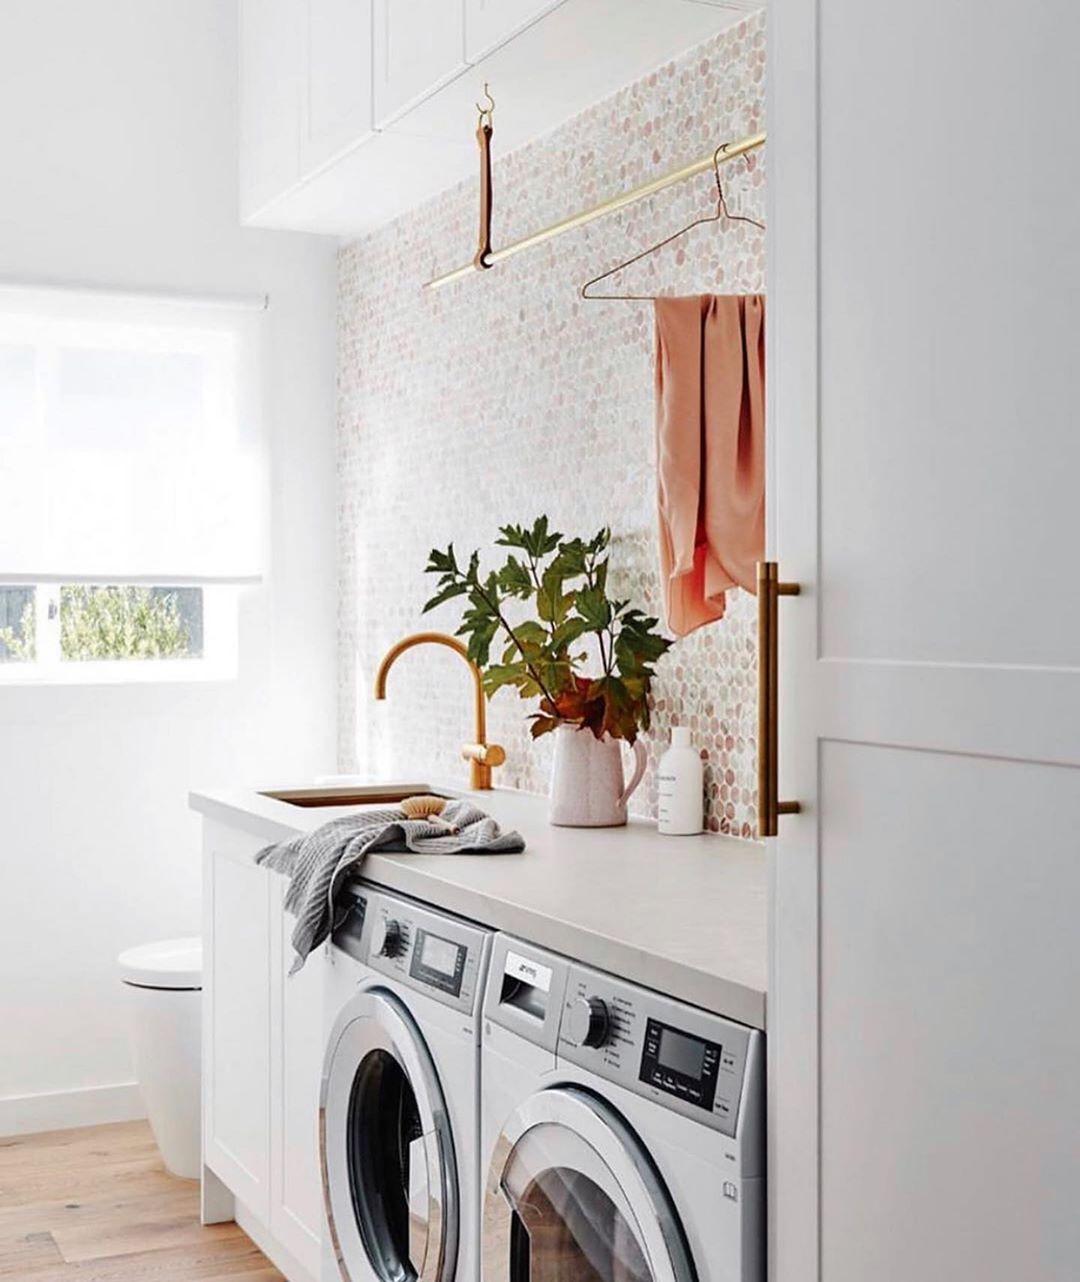 cuartos de lavados modernos y minimalistas